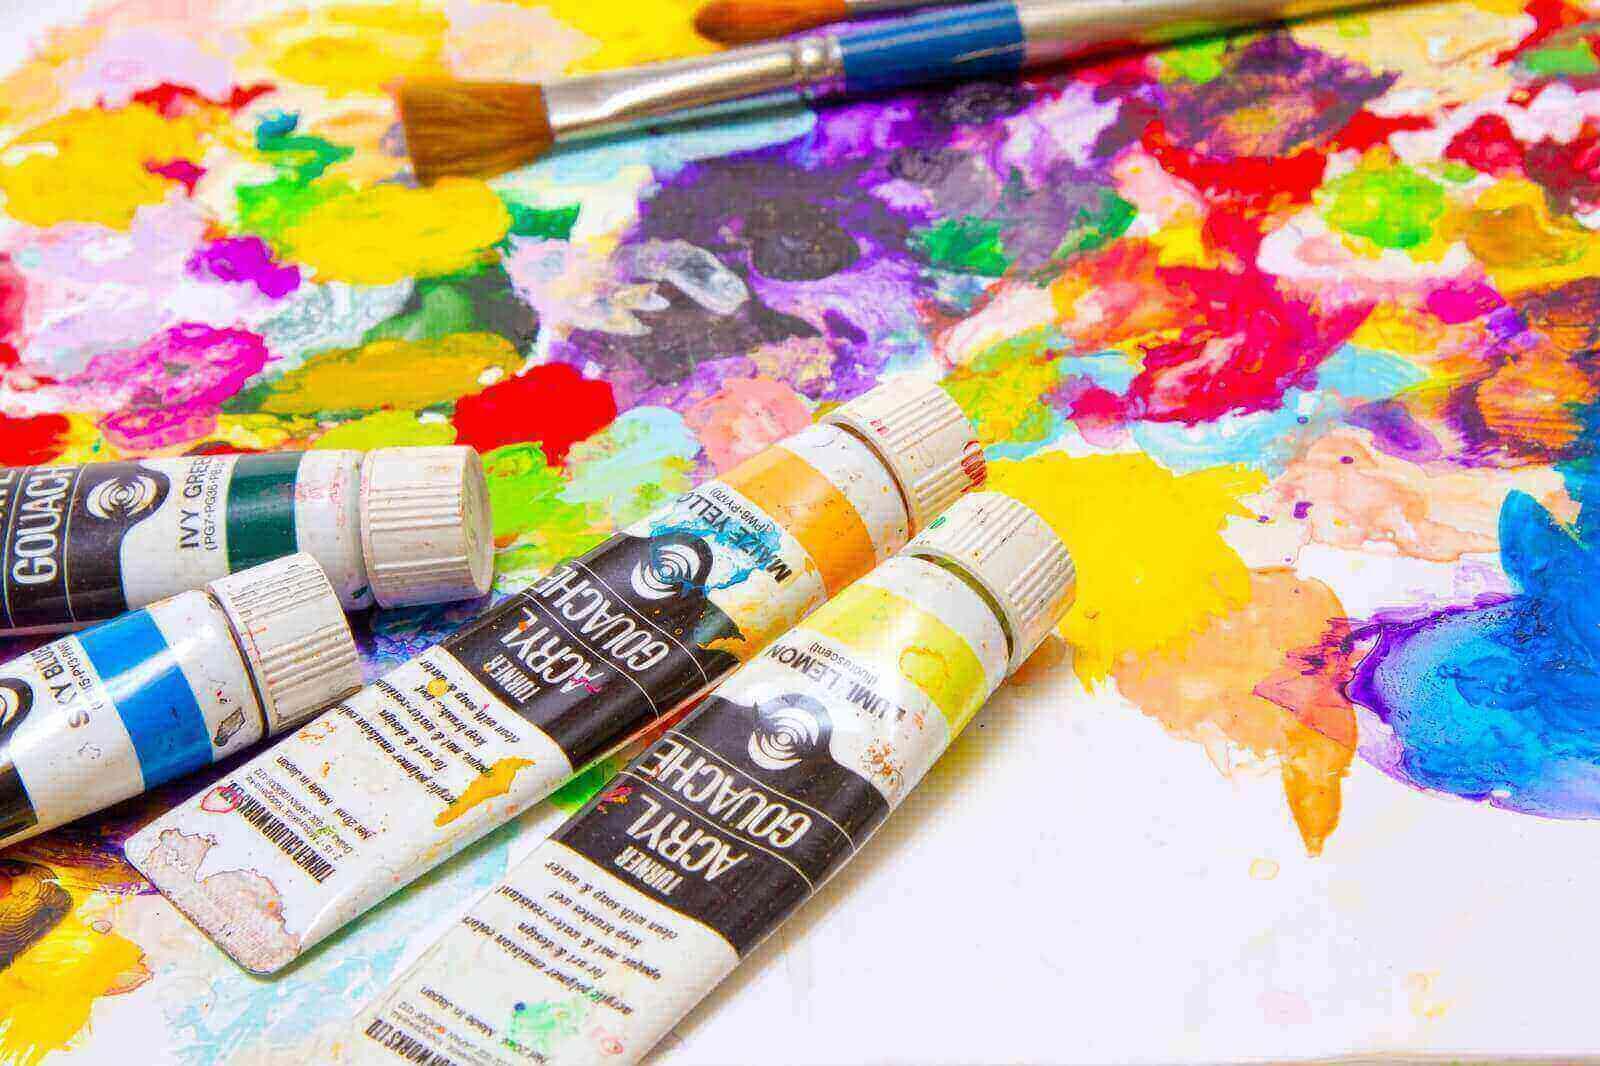 カラフルな水彩絵具と筆